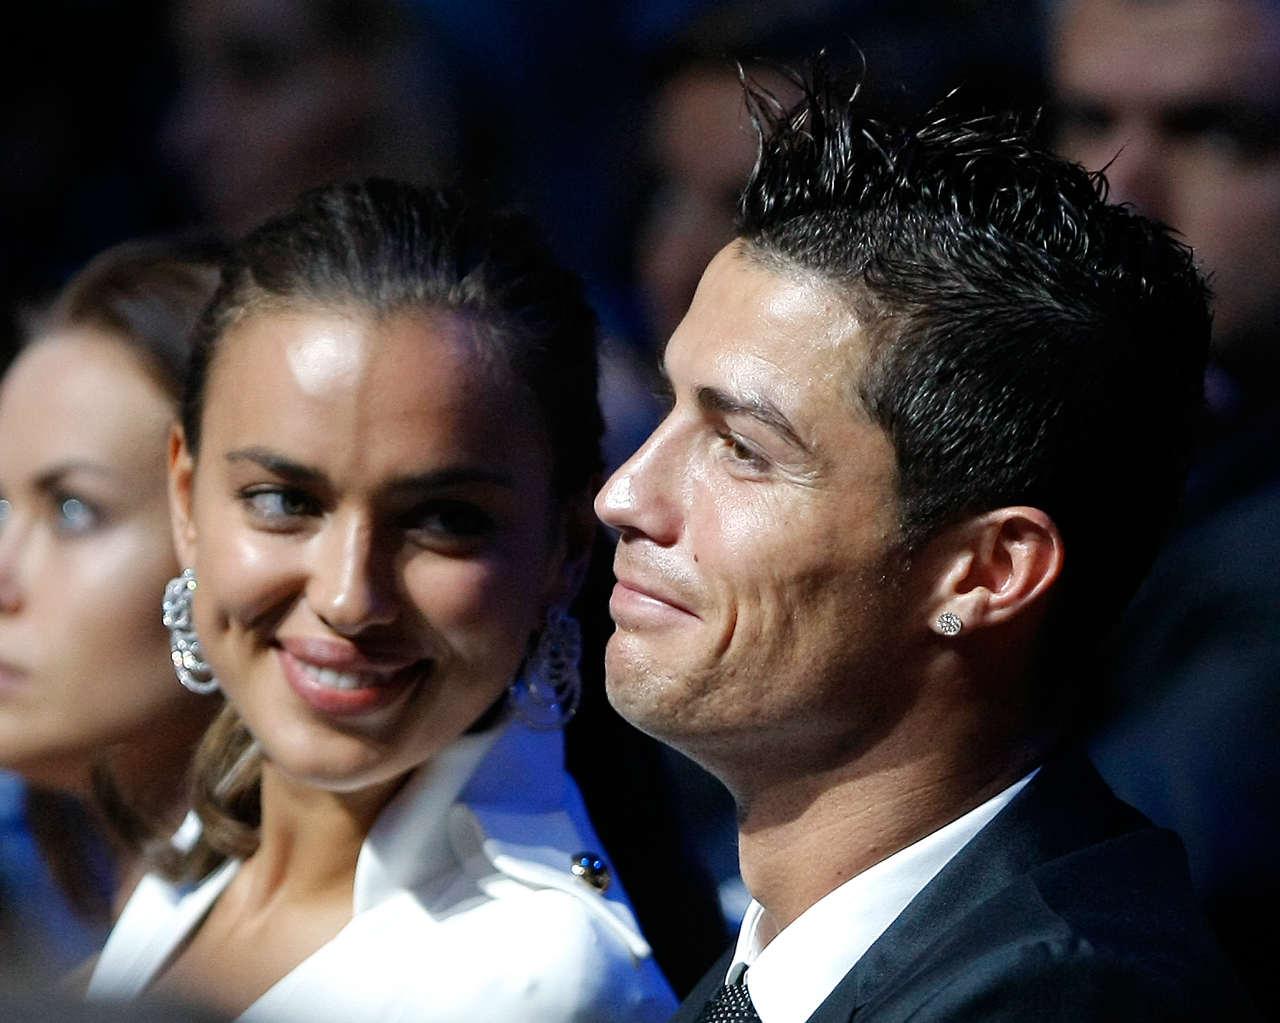 http://2.bp.blogspot.com/-WZ4PgIiNiZY/UEDv5H7n7BI/AAAAAAABCF4/7L-CdFyw0n4/s1600/Cristiano-Ronaldo-e-Irina-Shayk-han-puesto-fin-a-los-rumores-que-hacia-.Lo-han-hecho-en-la-la-gala-de-la-UEFAcelebrada-en-Monaco.jpg